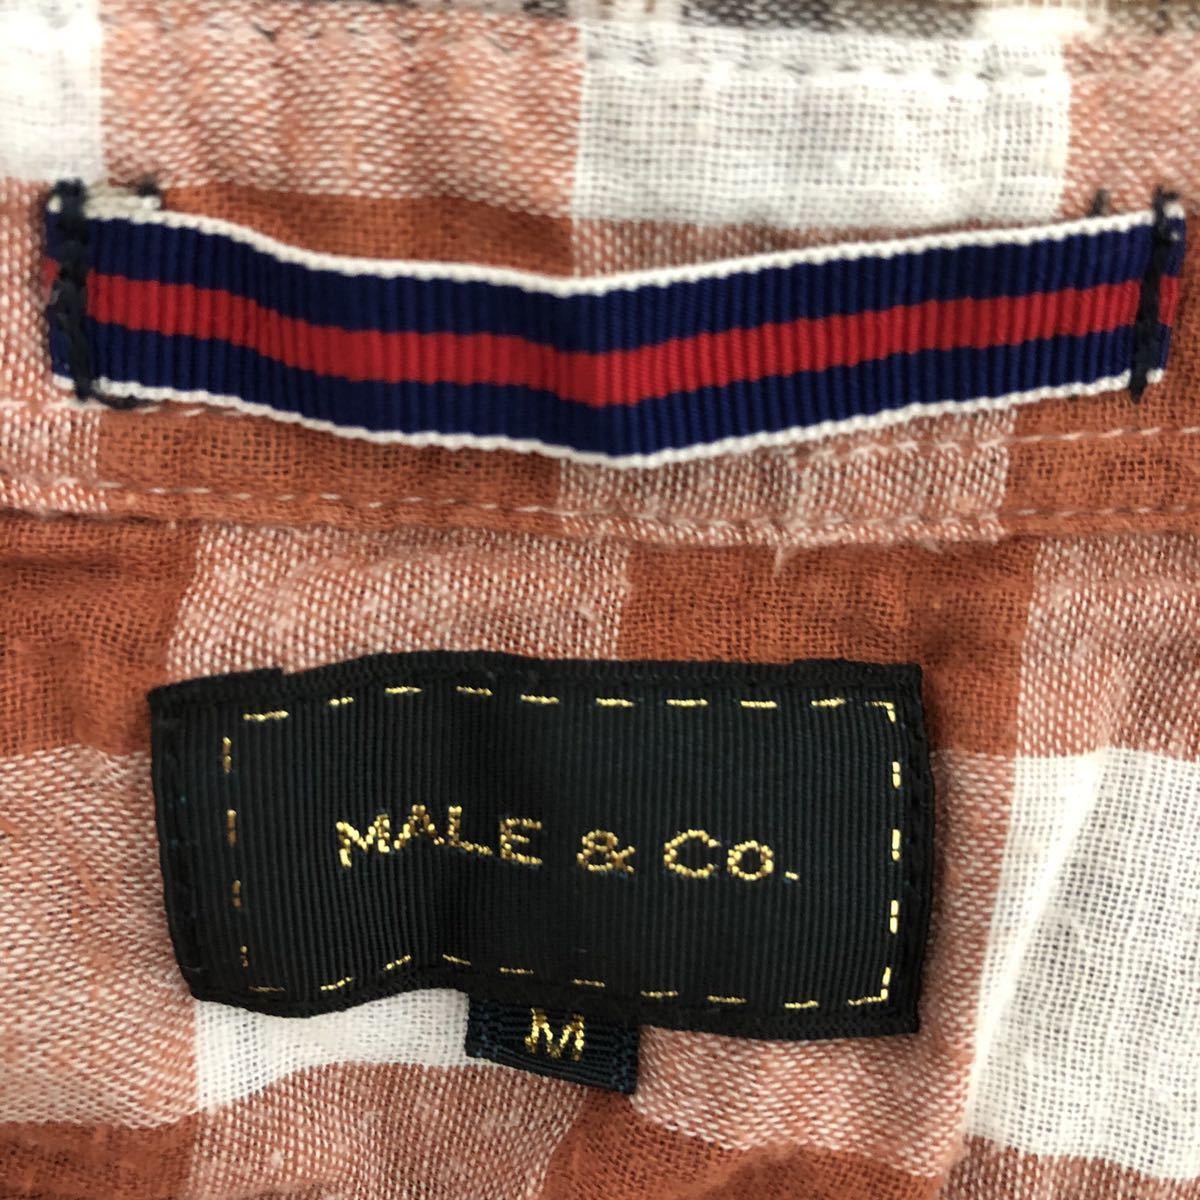 美品です!着心地抜群の柔らか素材 チェック柄半袖シャツ メンズM チェックシャツ チェック柄